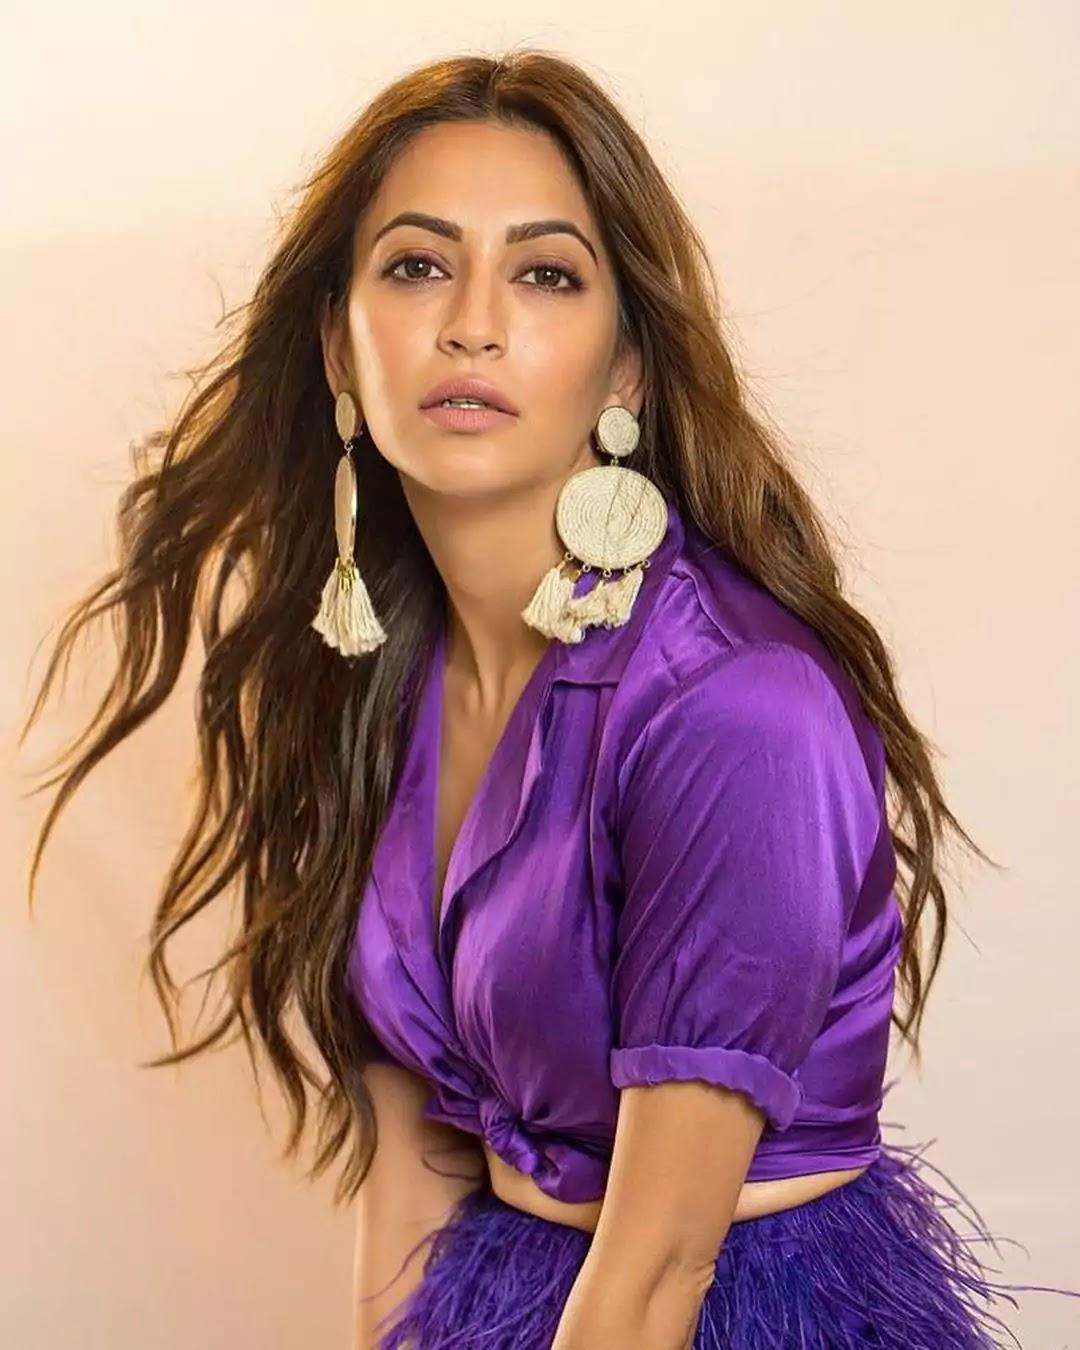 kriti-kharbhanda-hot-looks-in-purple-outfit